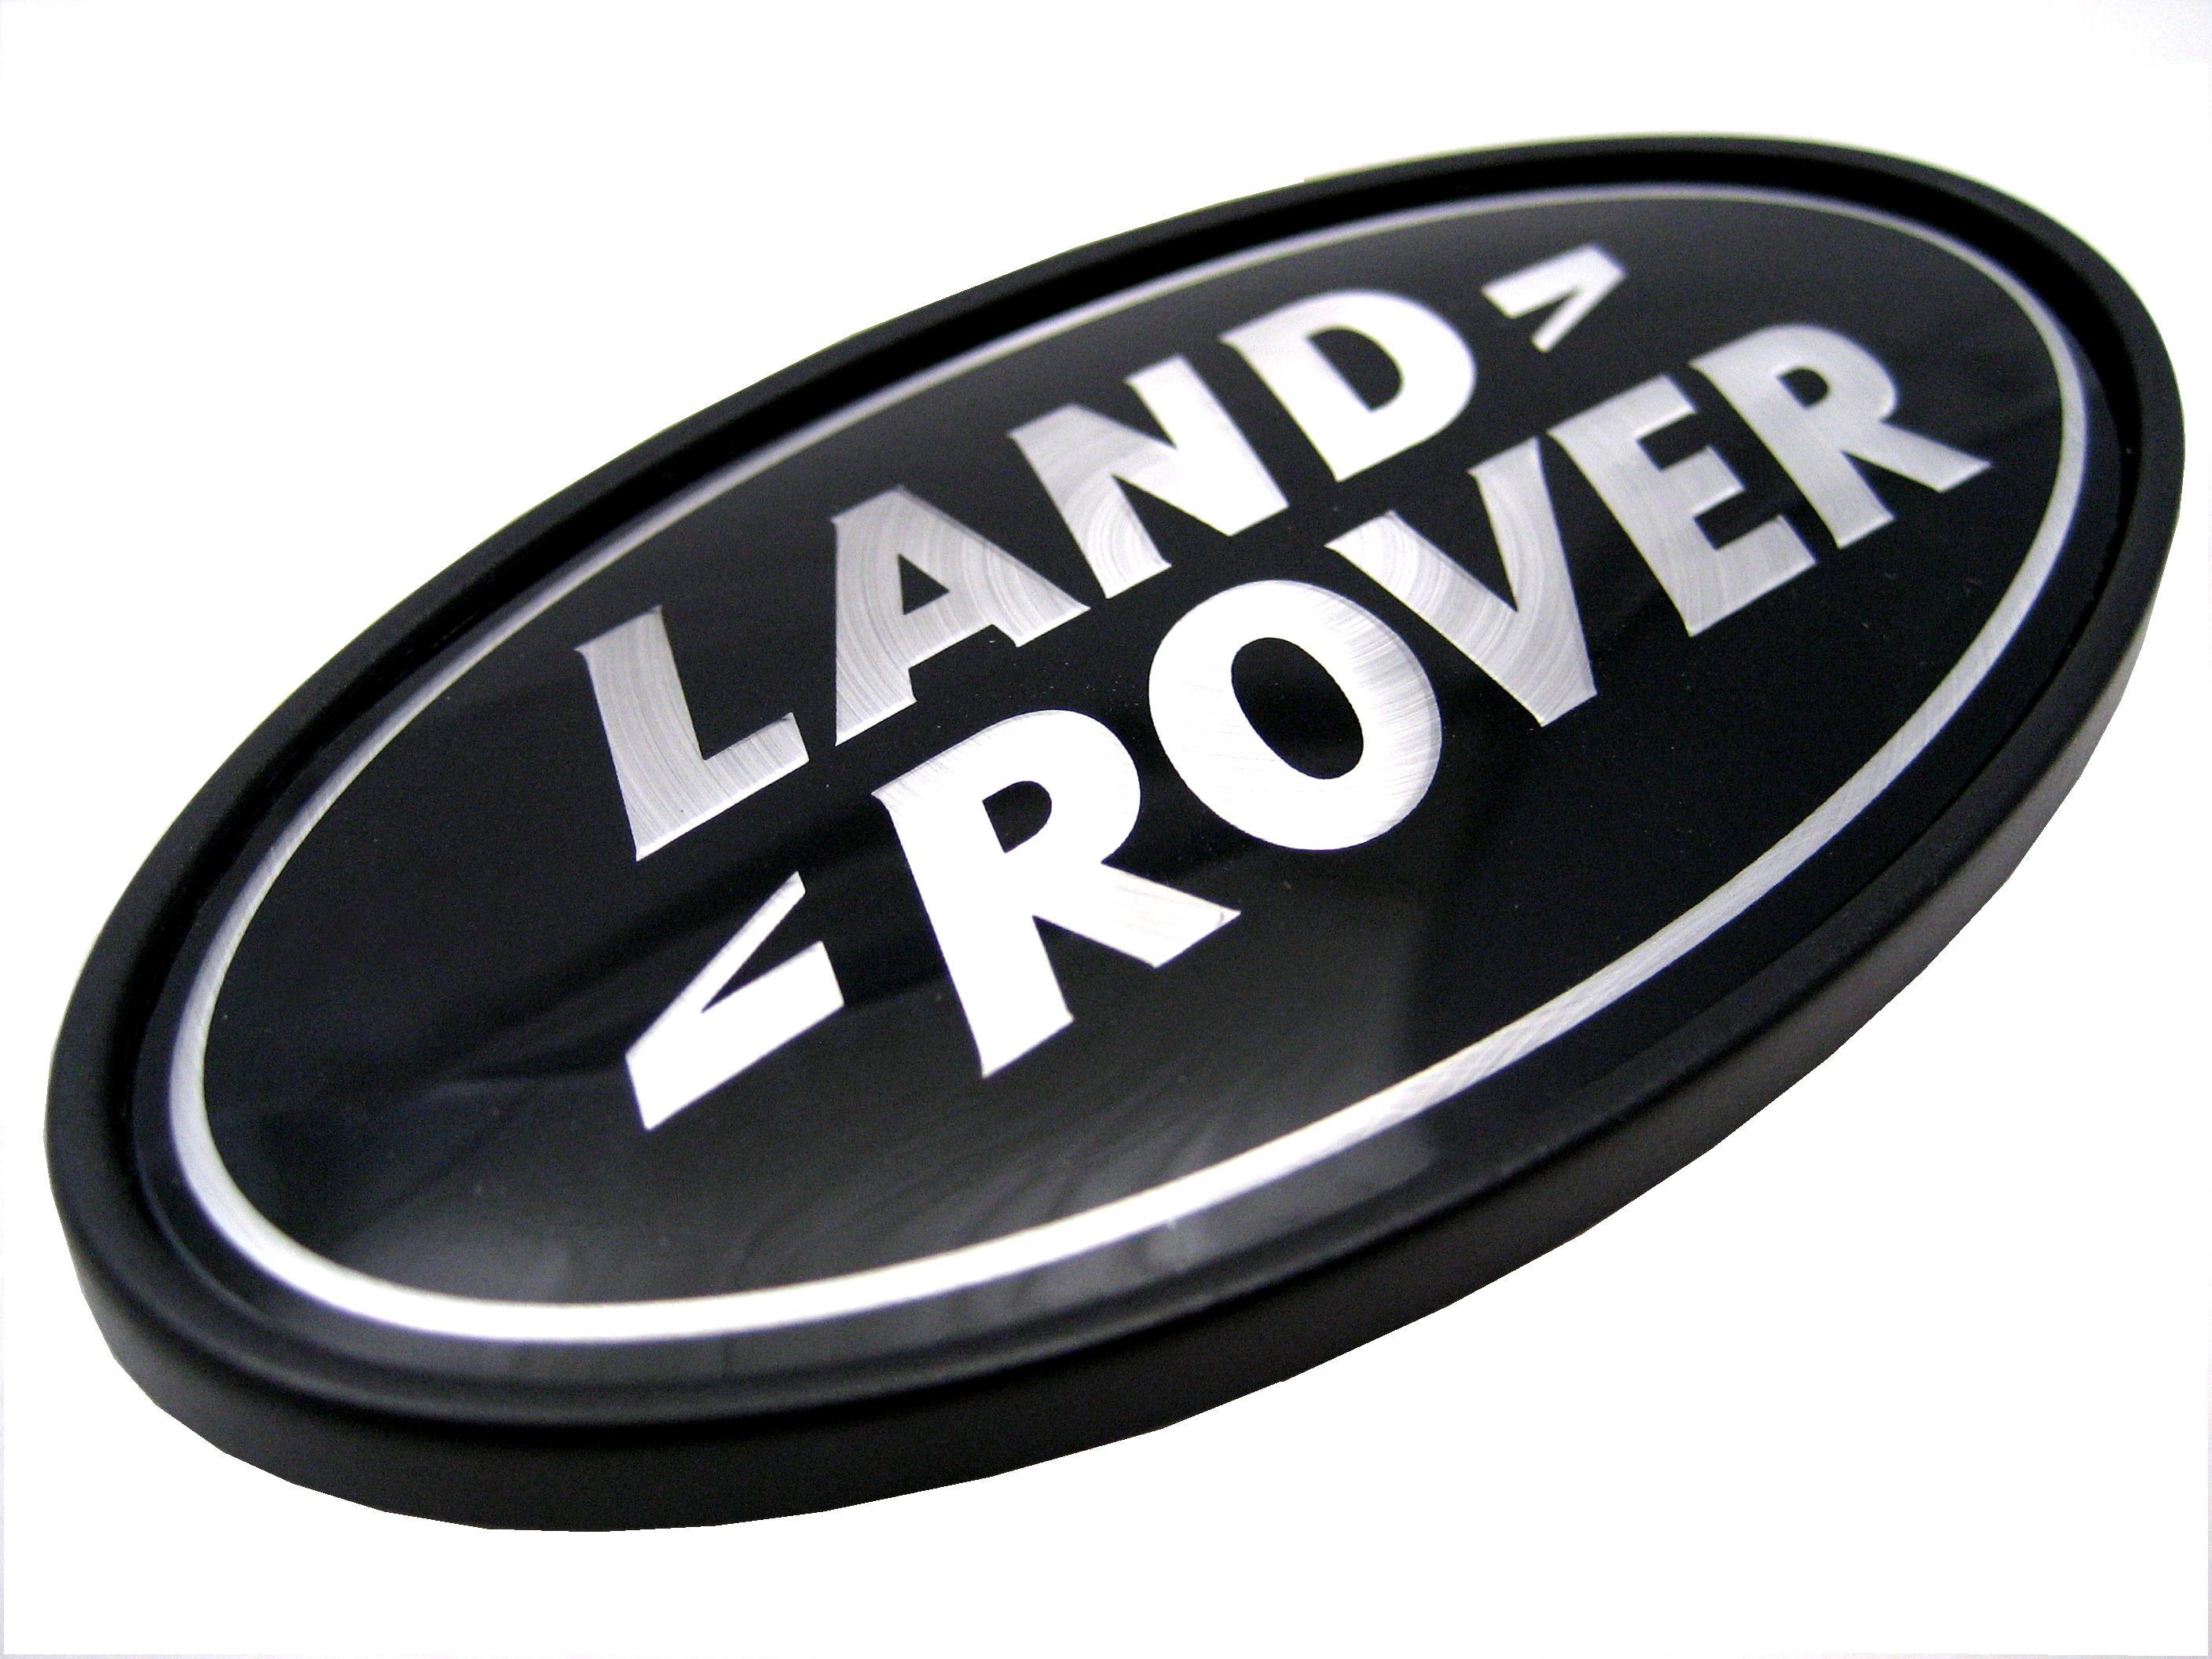 Range Rover P38 Blacksilver Oval Rear Land Rover Badge Upgrade Logo